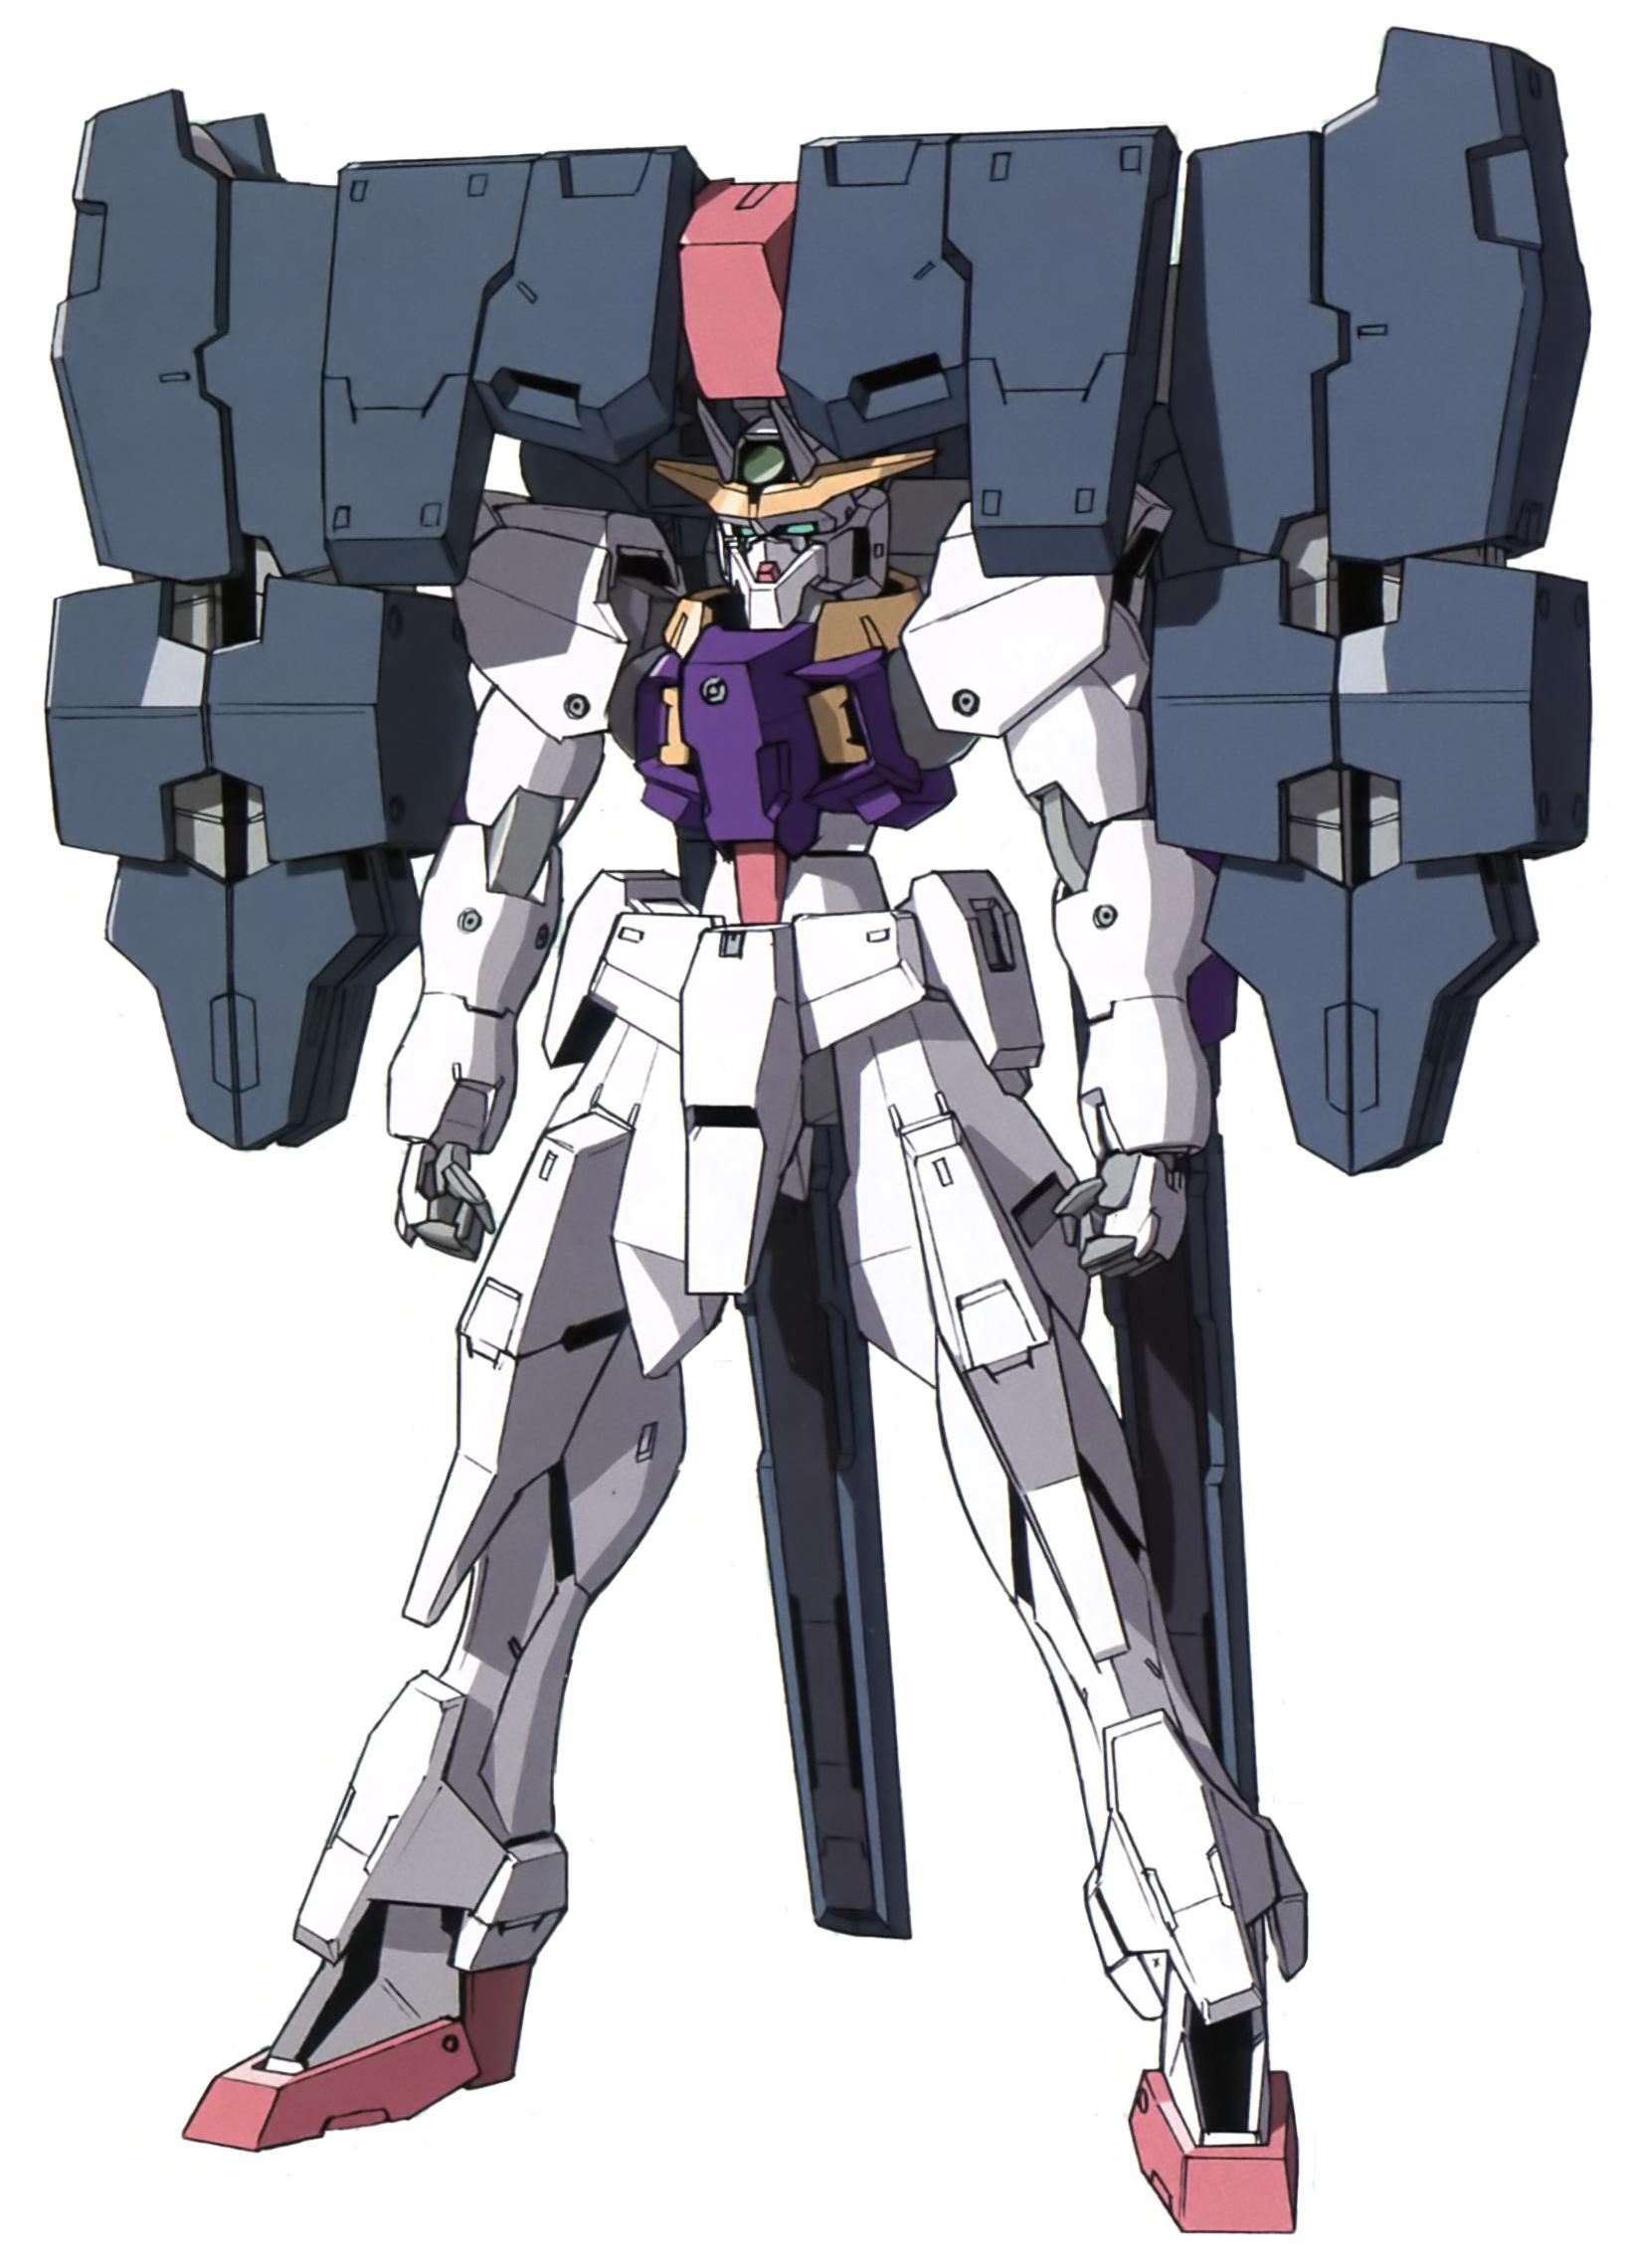 >Review: HG 1/144 Raphael Gundam Metallic Ver. No.16 Hi ... |Raphael Gundam Sdgo